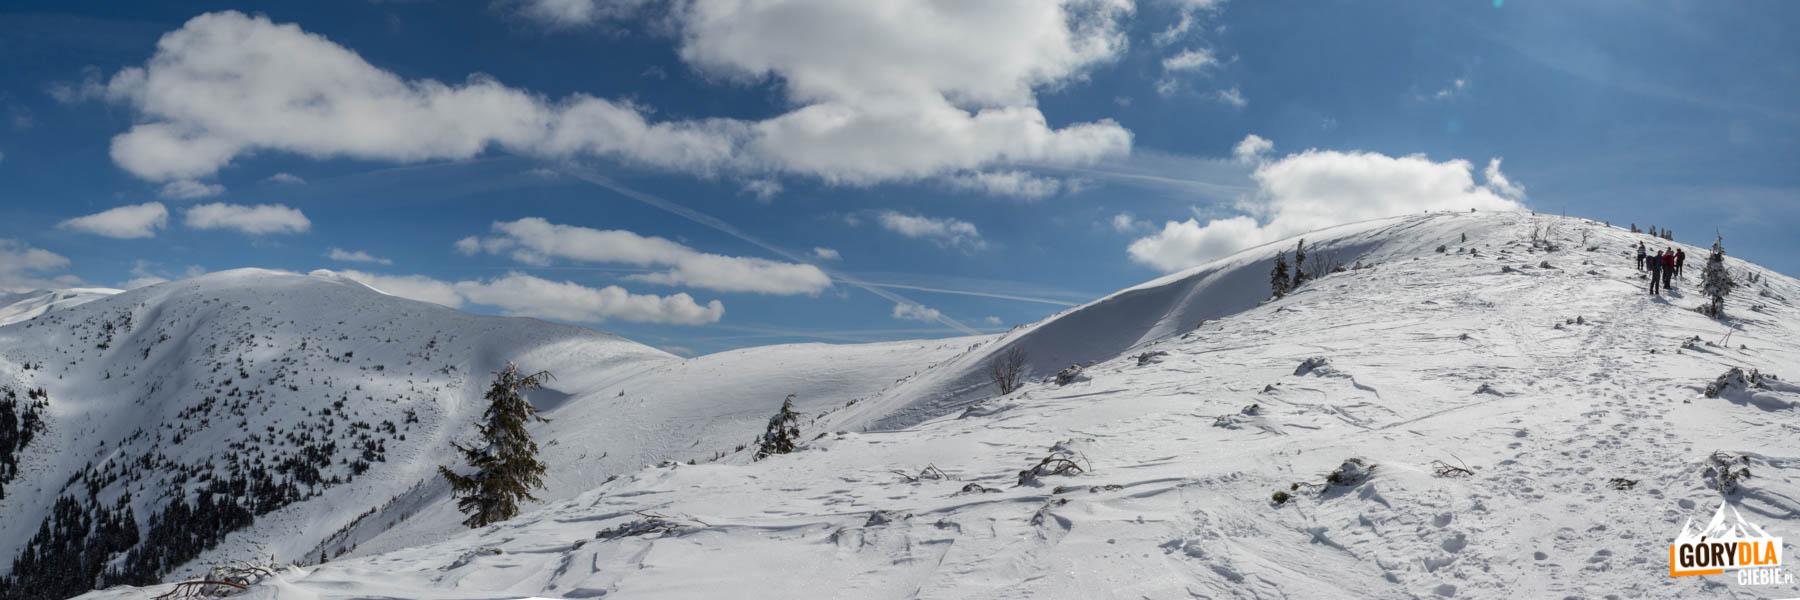 Widok z sedla Zámostskej hole na grań i szczyty, m.in.: Ďurková (1750 m), Maly Chabenec (1840 m) i Chabenec, 1955 m)